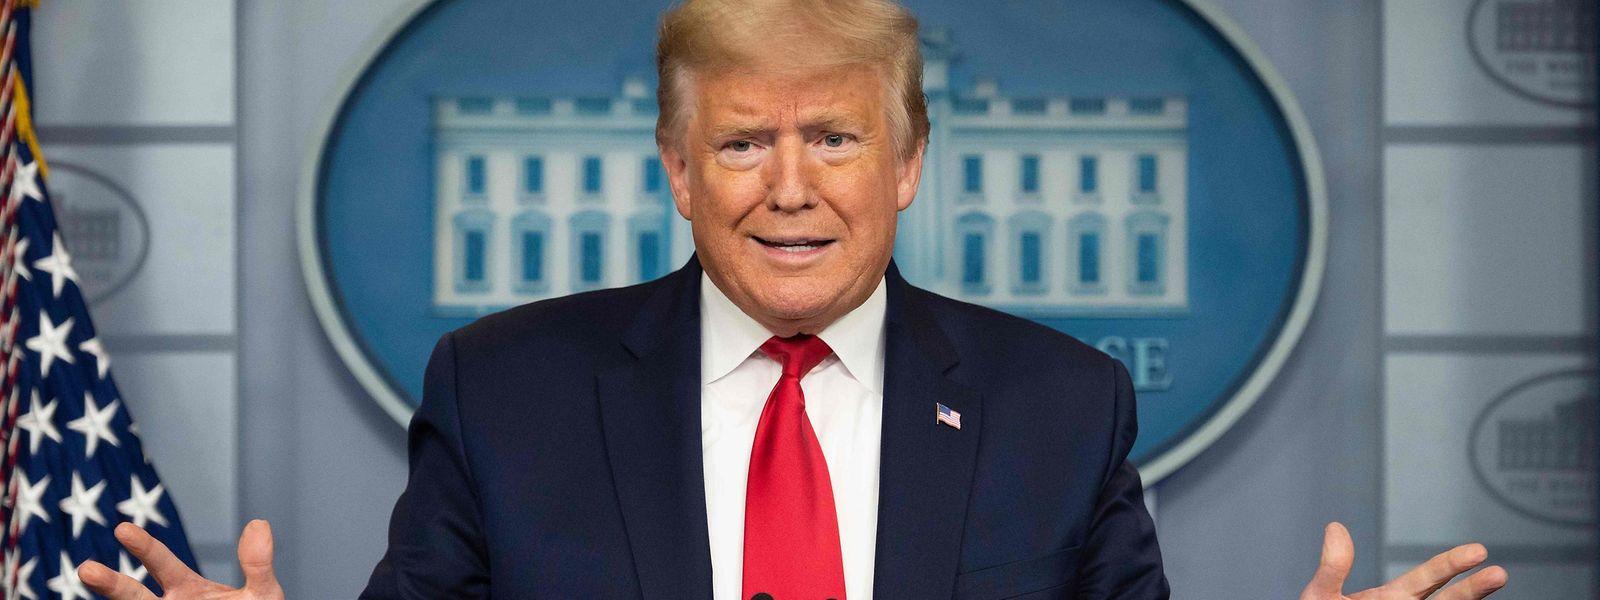 US-Präsident Donald Trump ist während der täglichen Pressekonferenzen ganz in seinem Element.